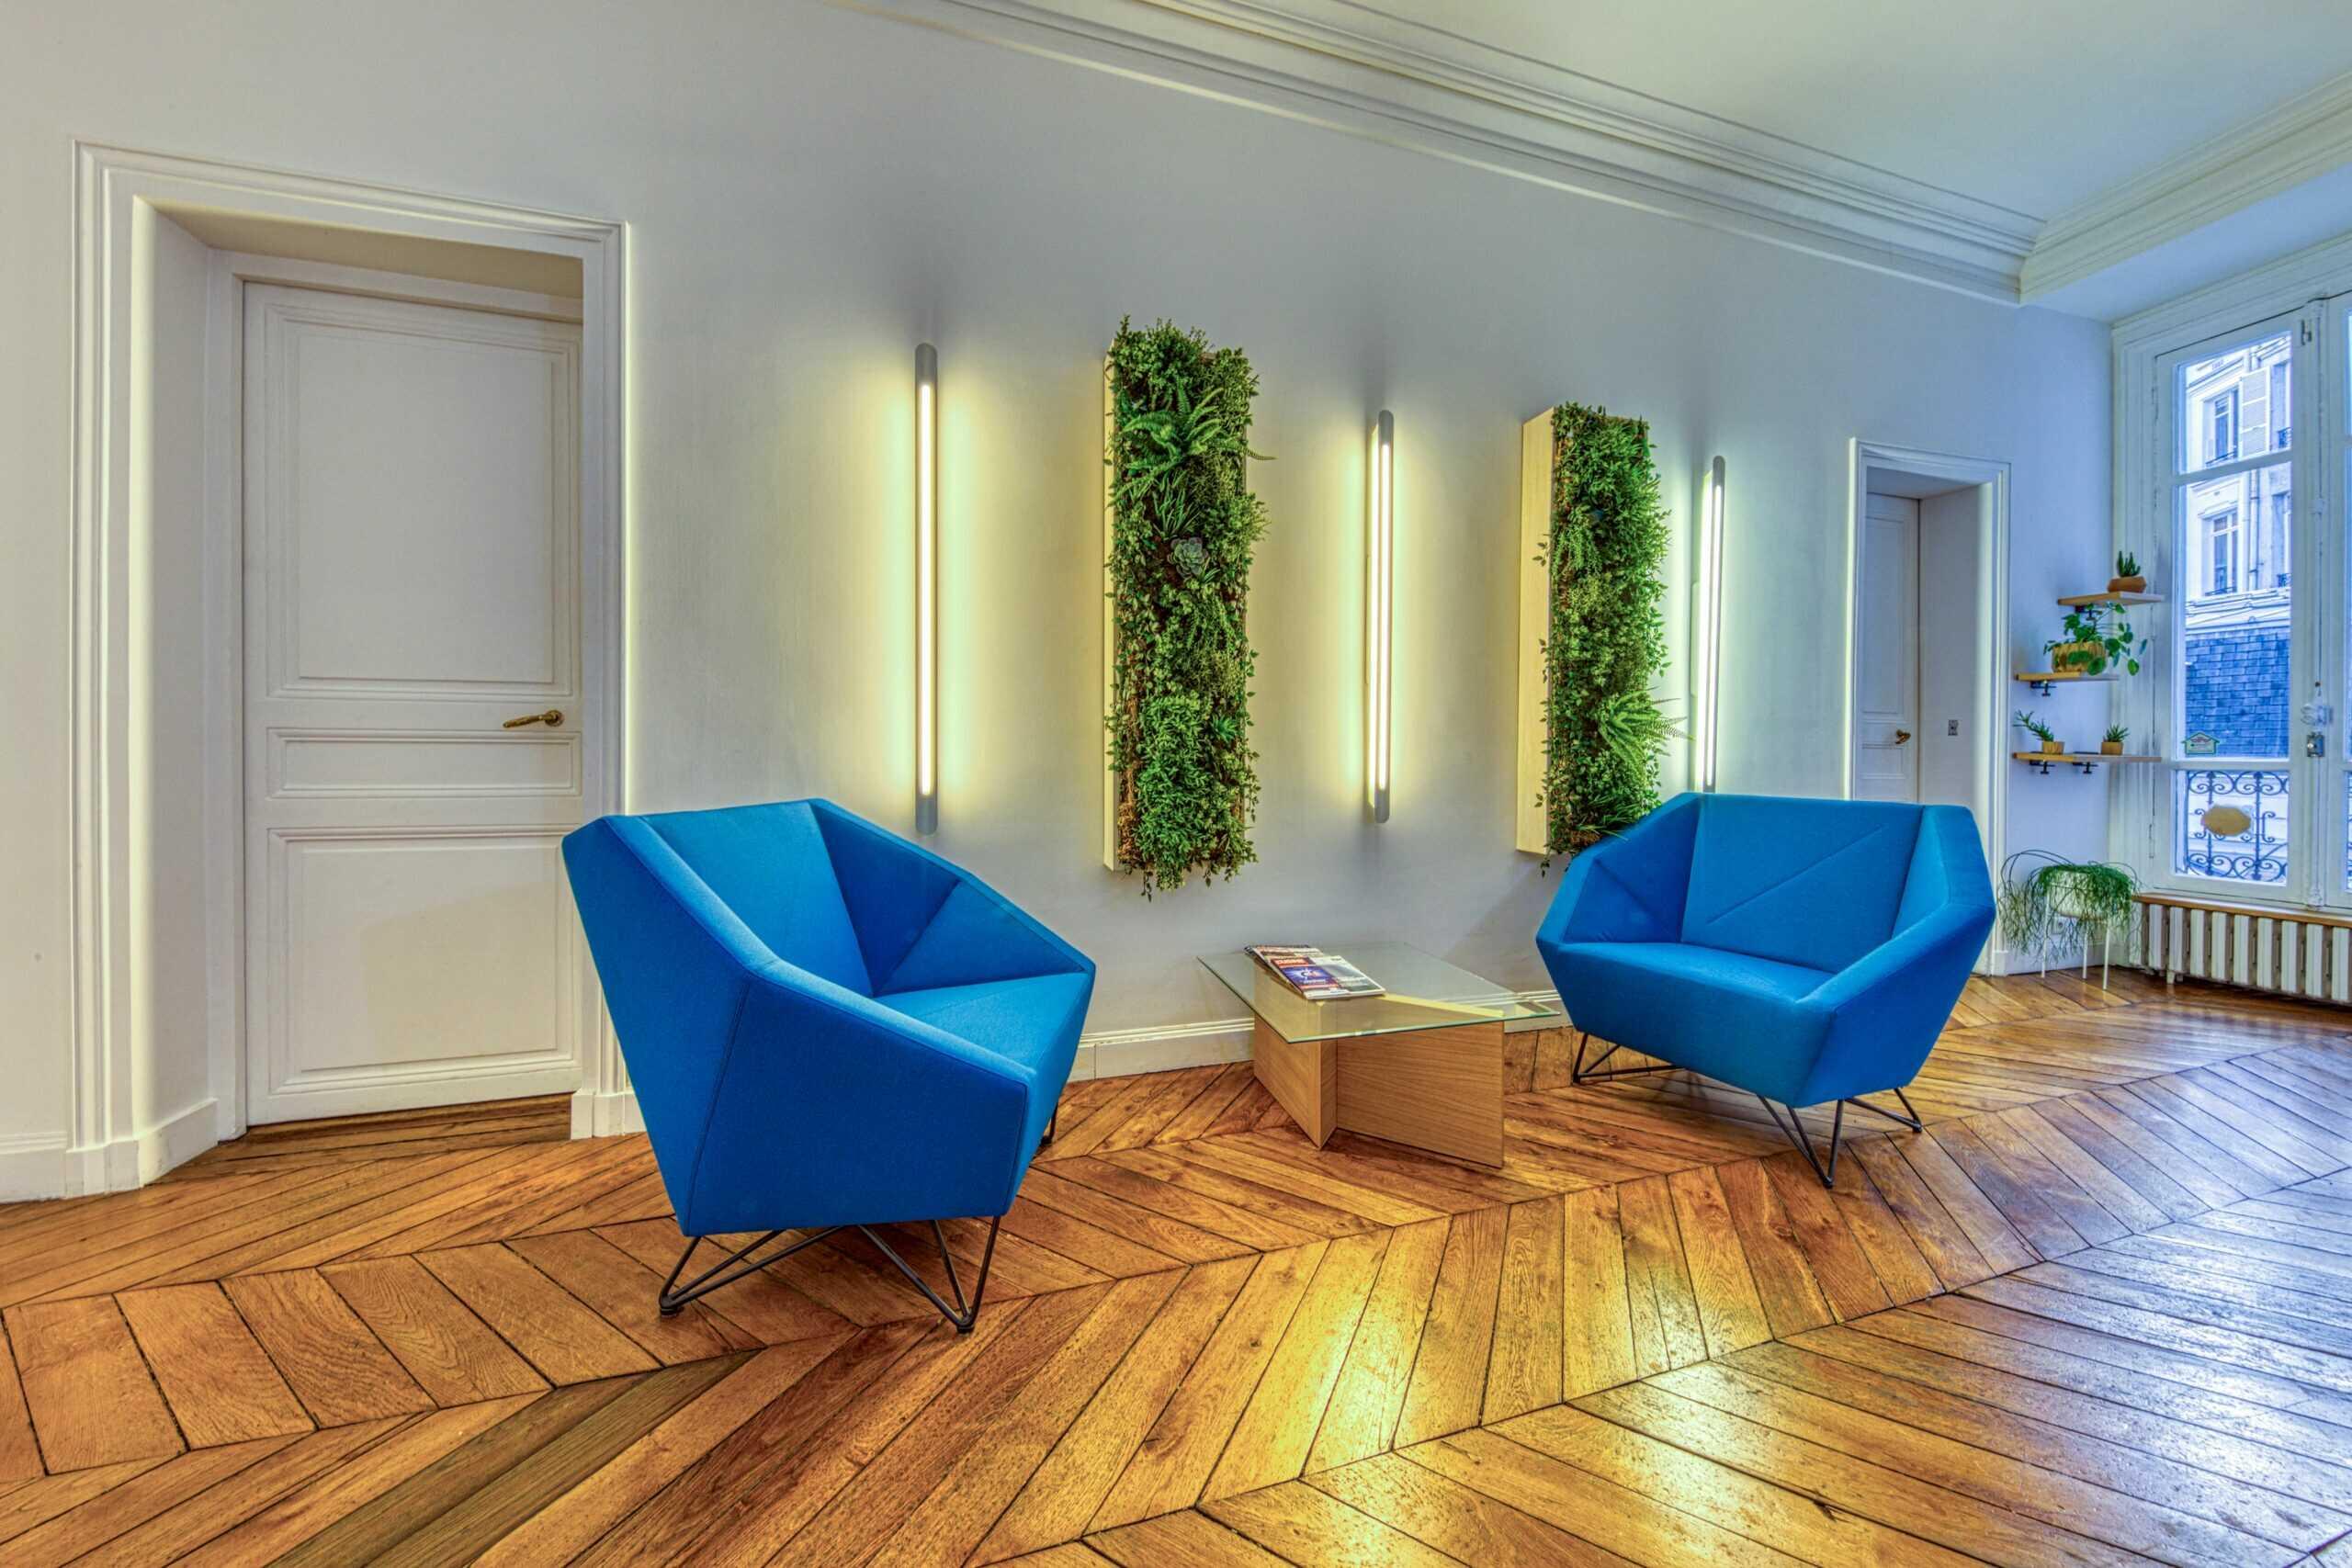 fauteuils bleus salle image